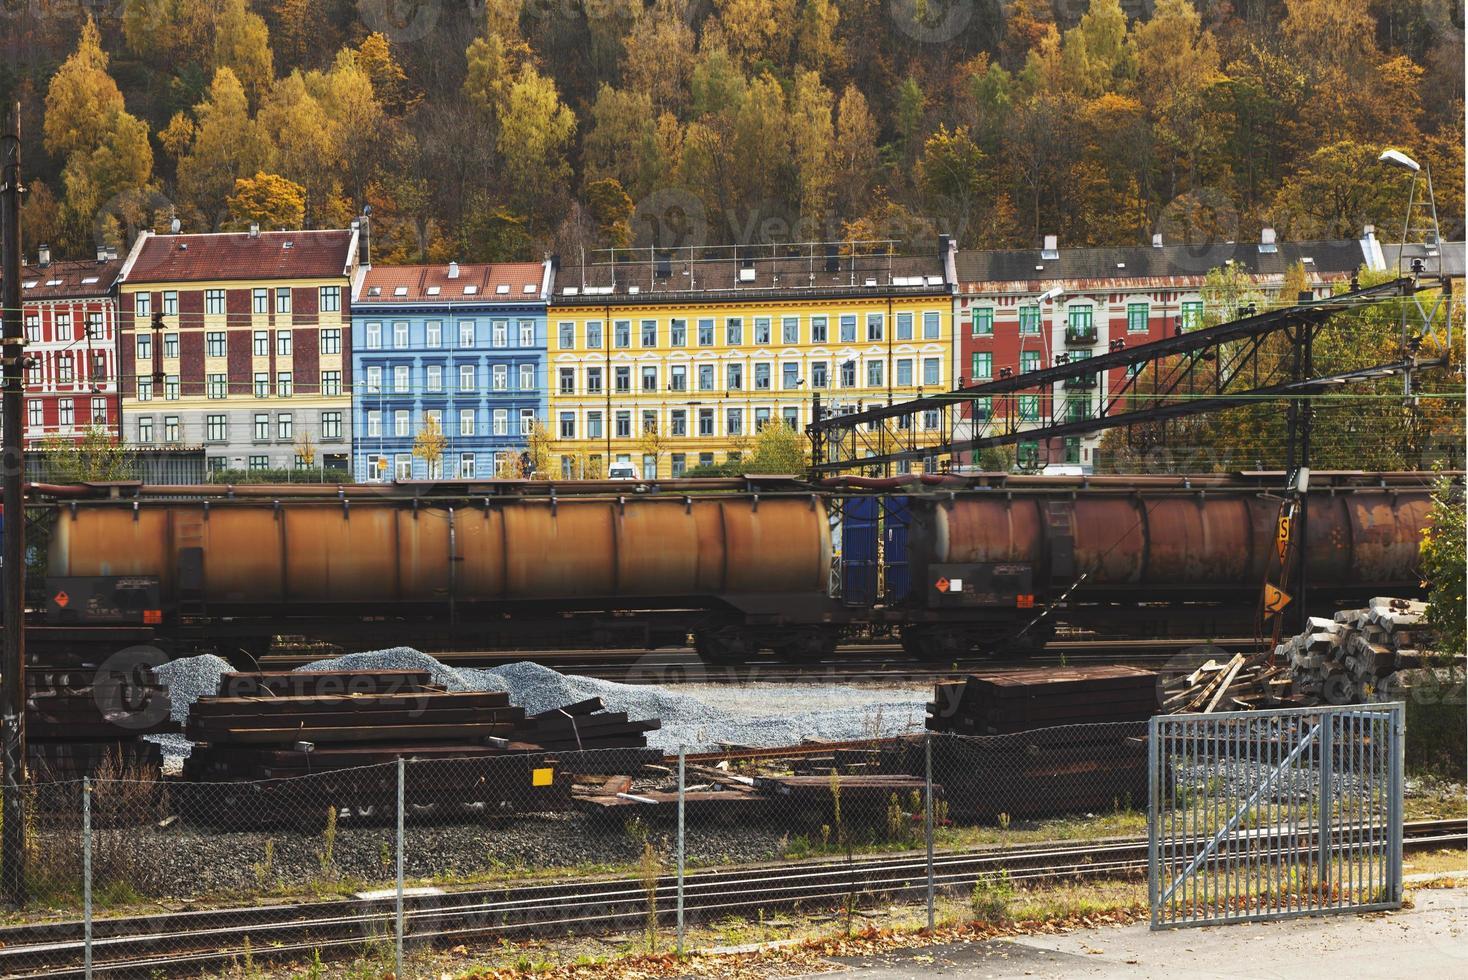 coloridos edificios a lo largo de la vía del tren. foto